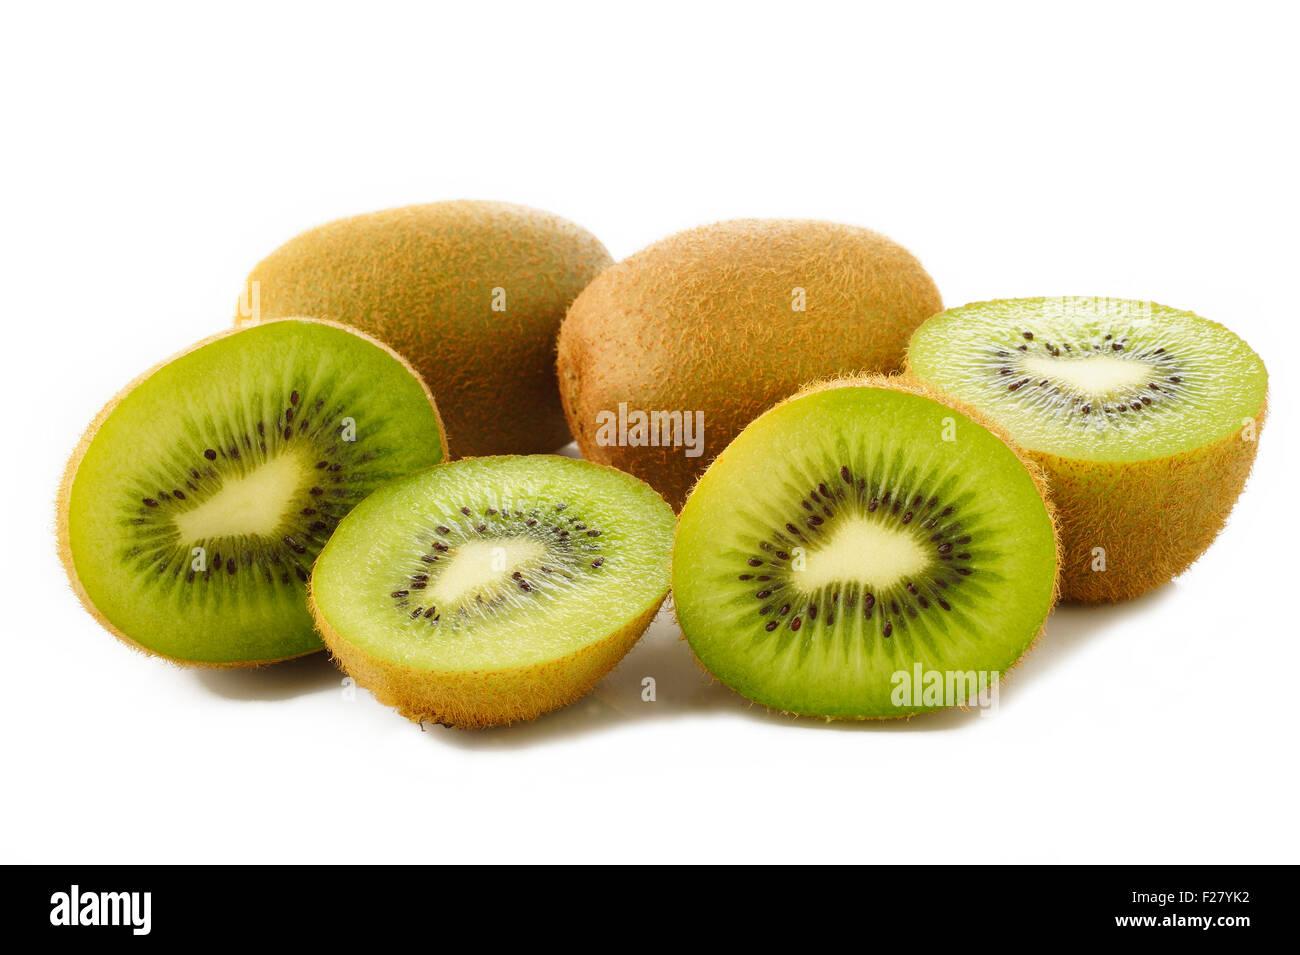 kiwi fruit on white background - Stock Image